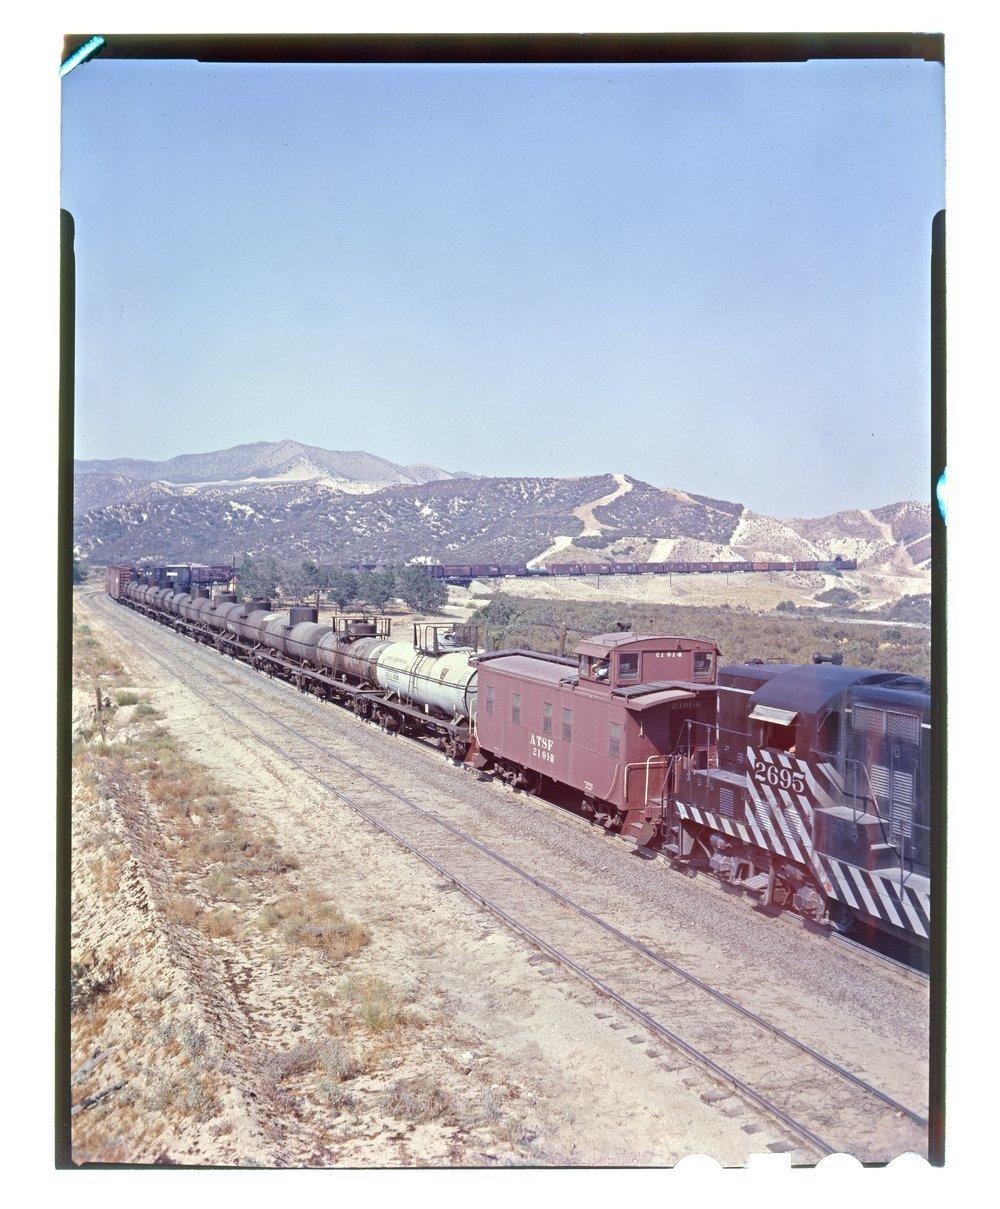 Atchison, Topeka & Santa Fe freight train, Cajon Pass, California